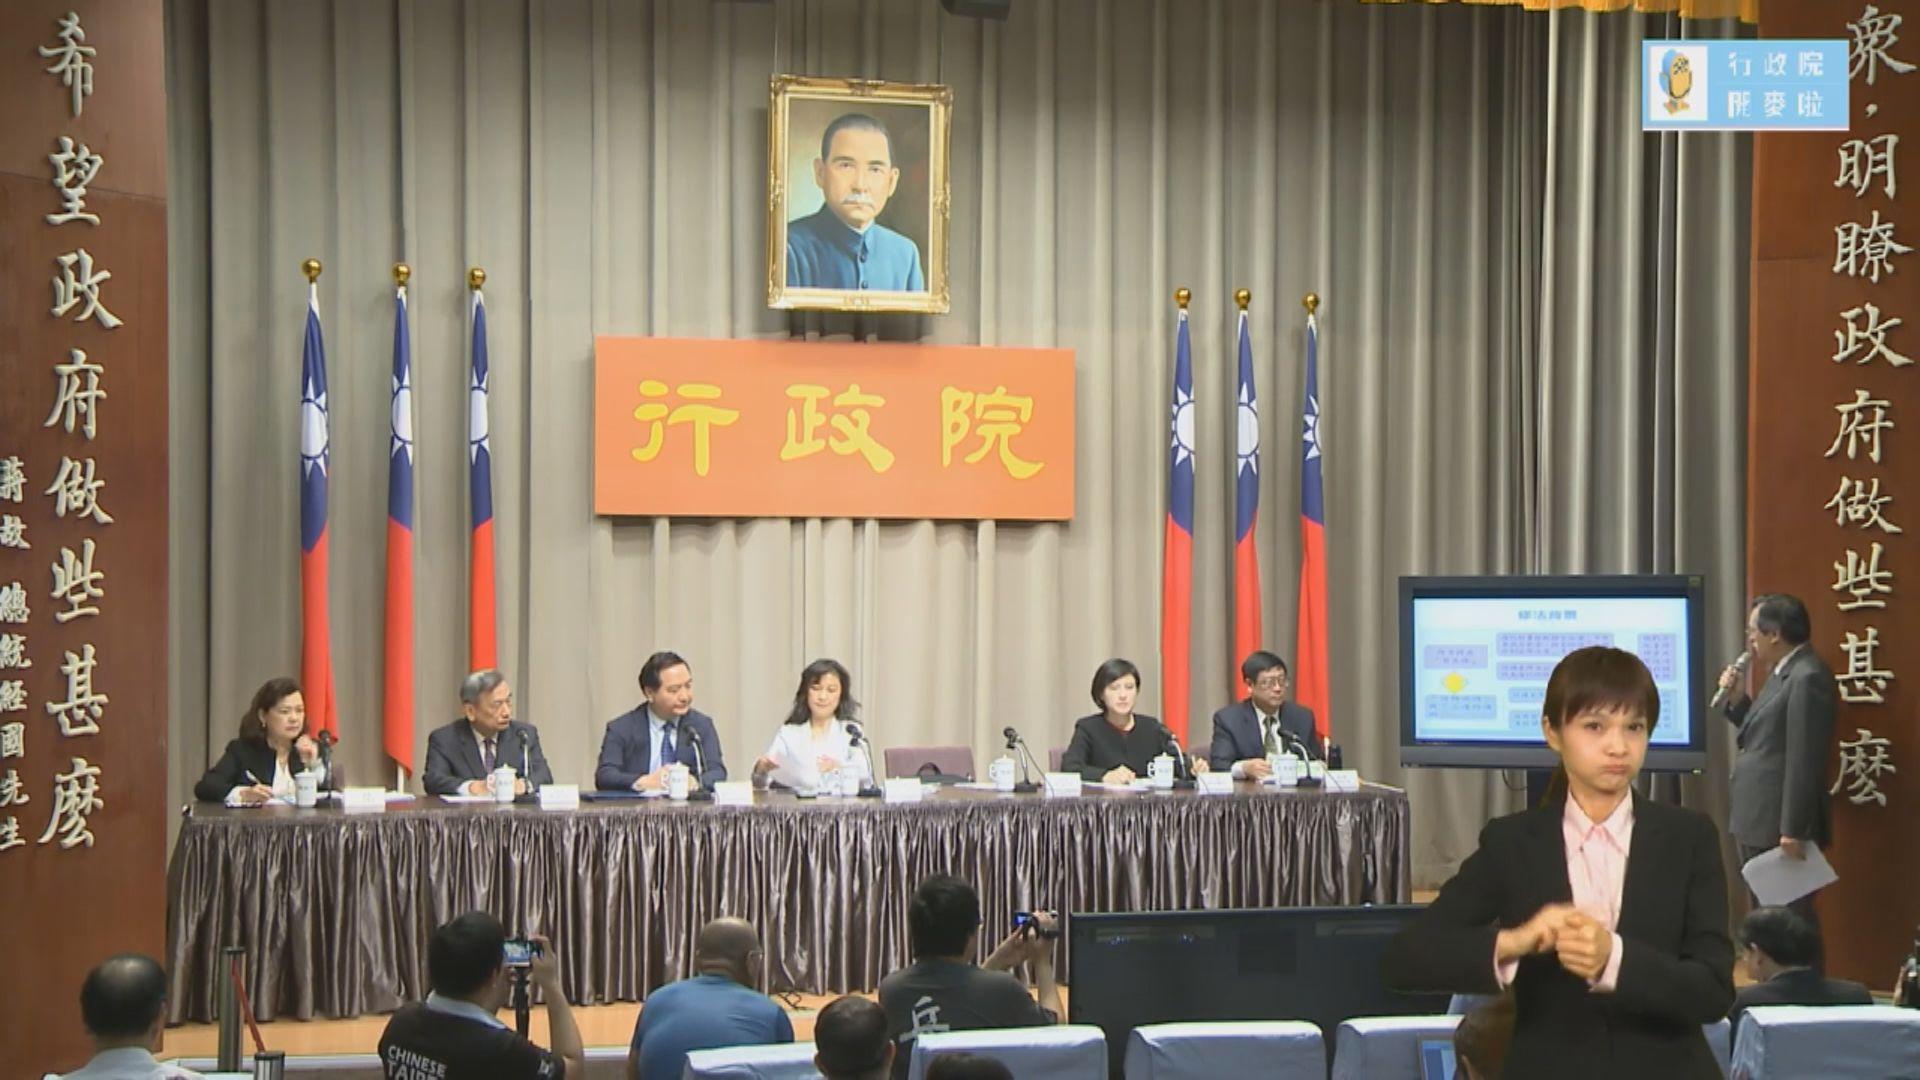 台灣行政院修例提高兩岸政治協商門檻